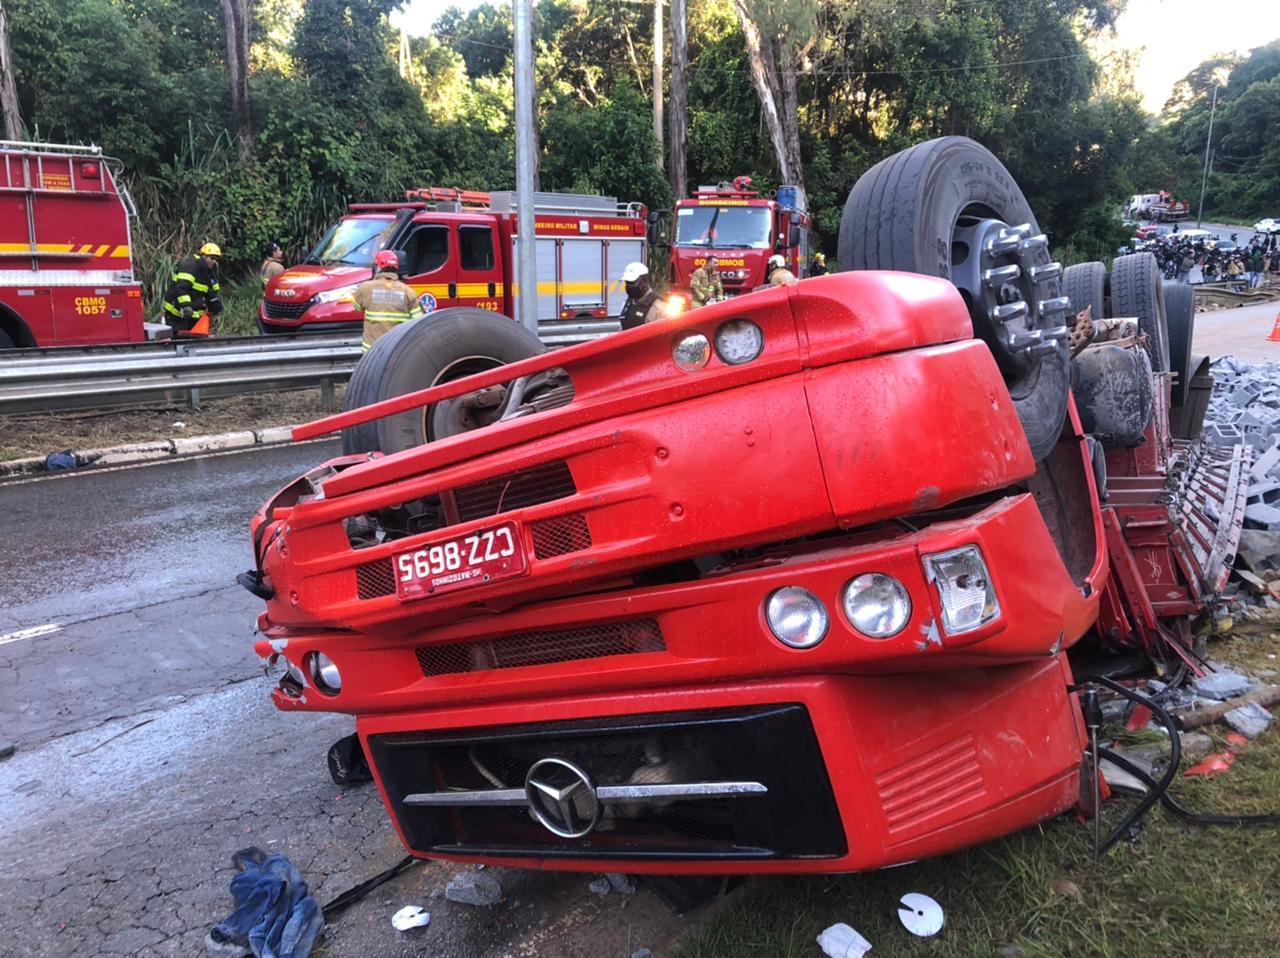 Motorista morre após caminhão capotar na MG-30 em Nova Lima - Foto: Divulgação/Corpo de Bombeiros